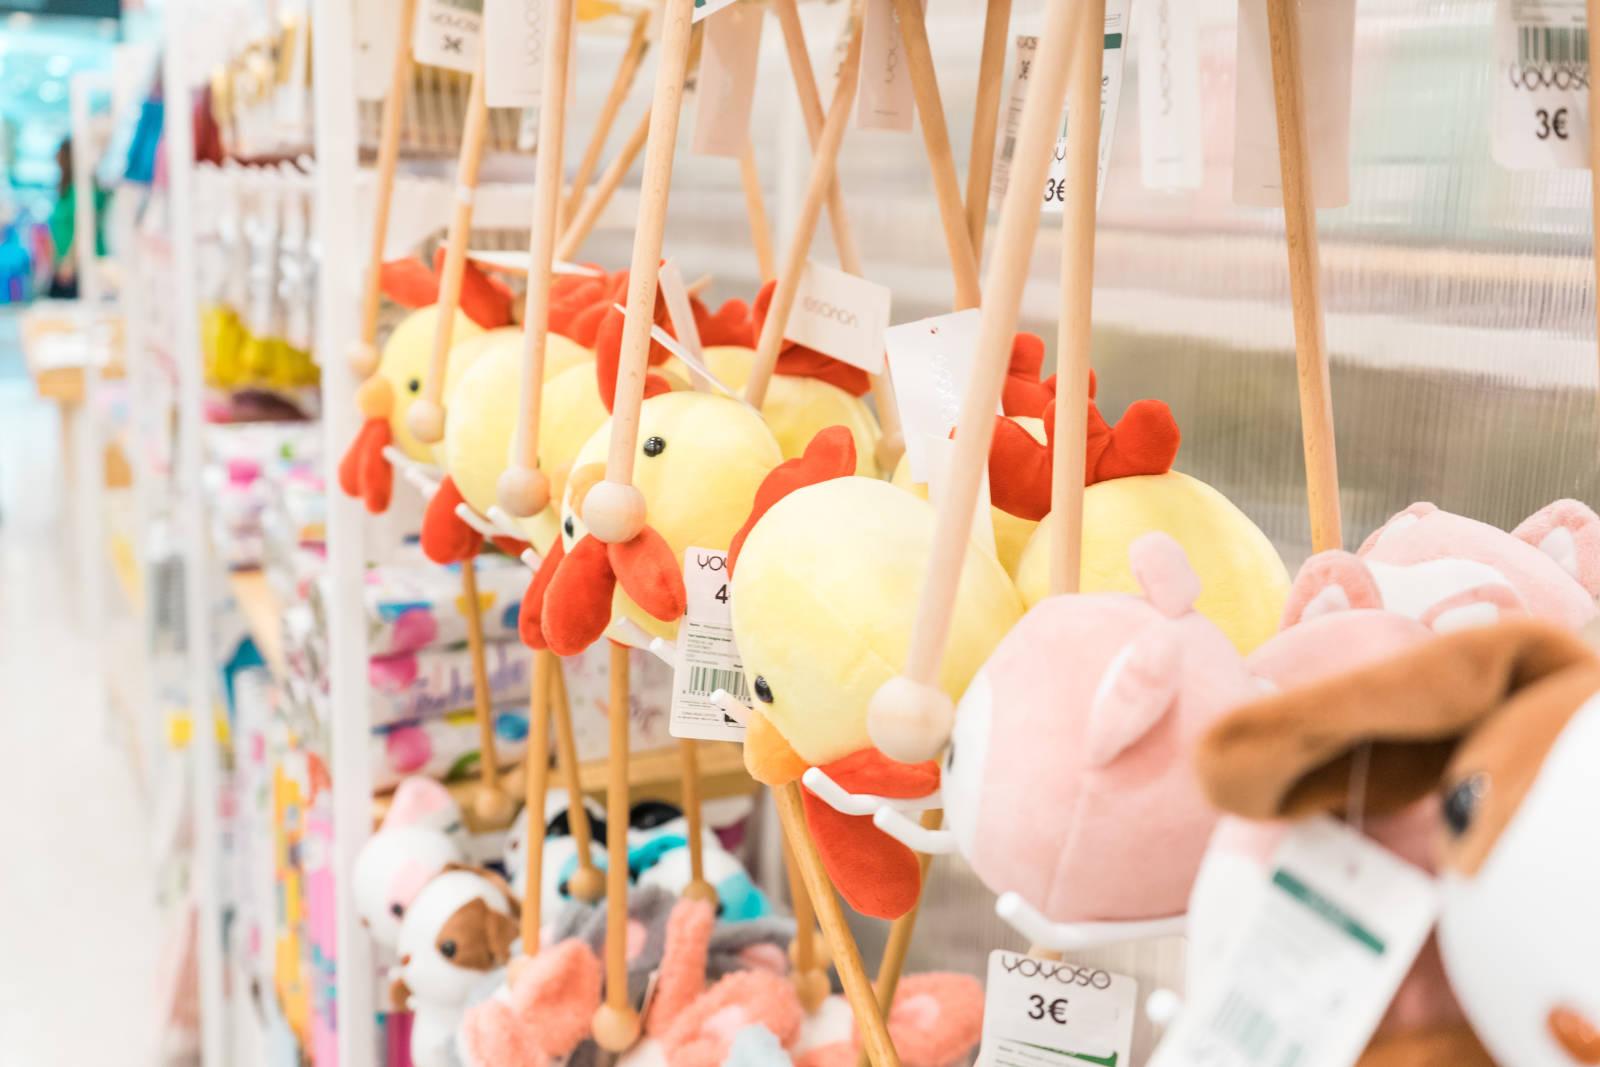 Inaugura em Lisboa a loja Yoyoso Korea, que vende artigos de 50 cêntimos a 5 euros!